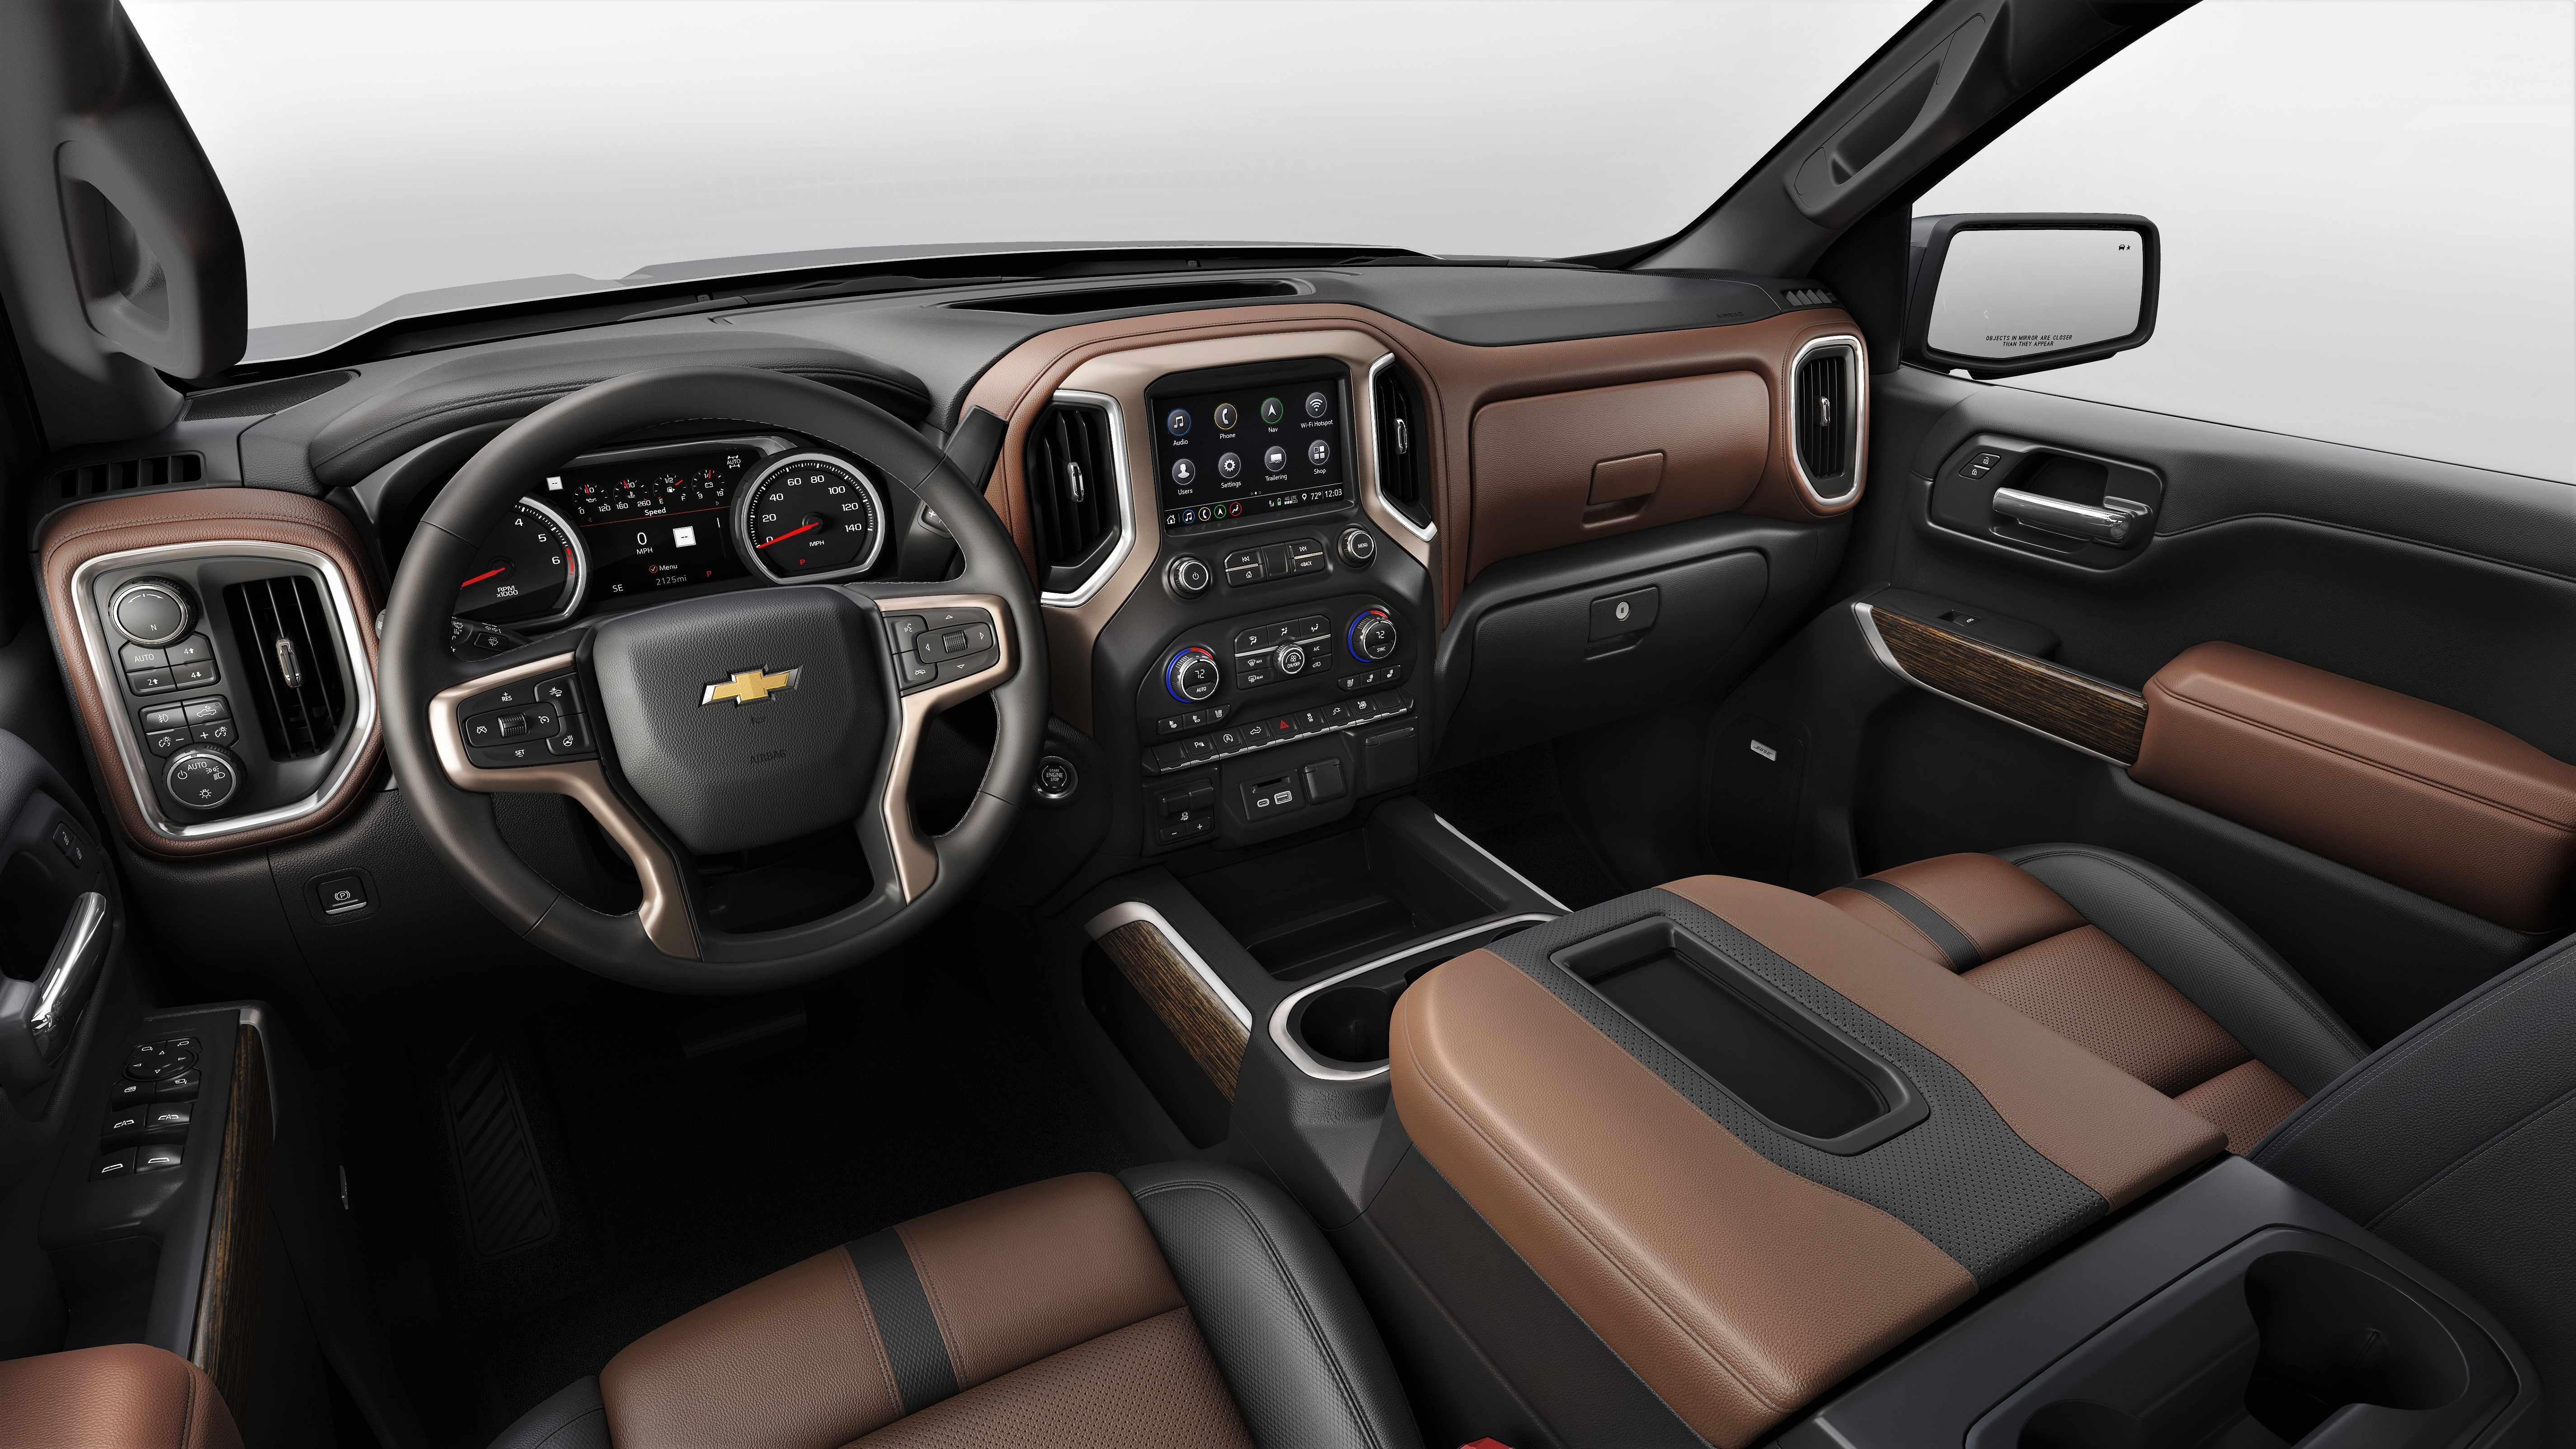 Chevy s 2019 Silverado s new 3L Duramax sel larger wheelbase